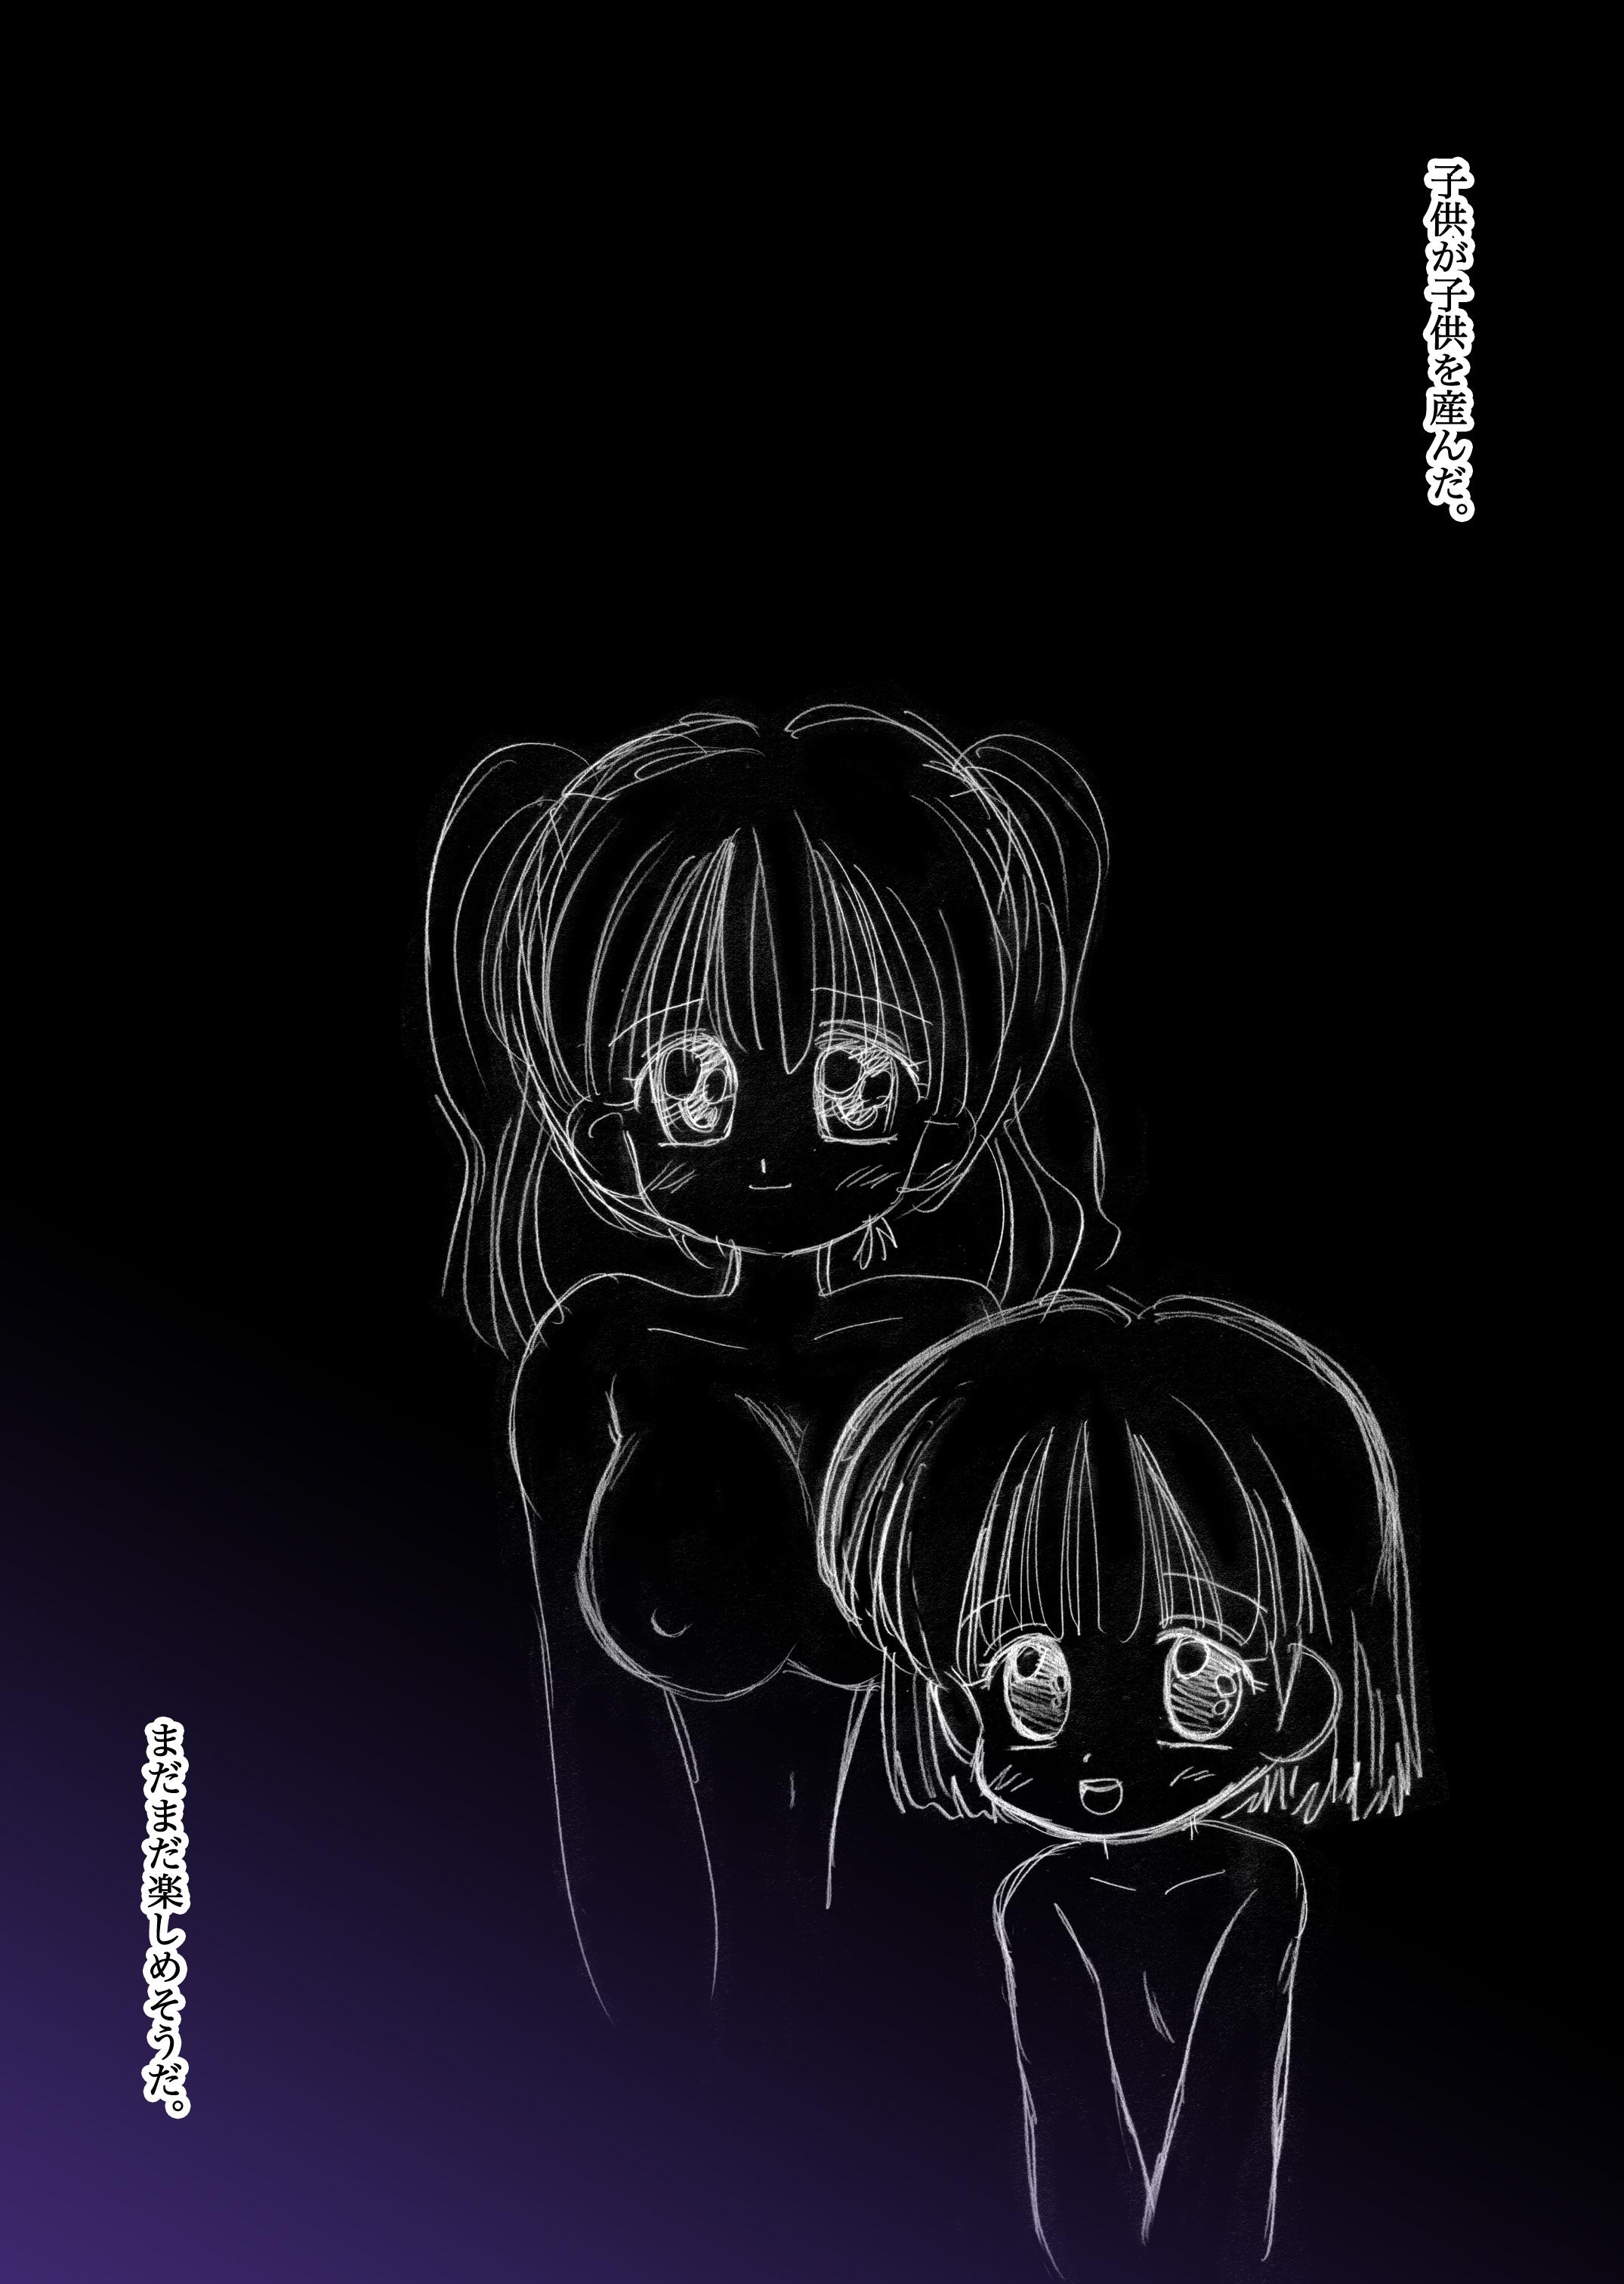 【エロ漫画・エロ同人】ロリ幼女を拾ってレイプしてる男wすっかりチンコ奴隷になった幼女とセックスするの飽きたからチンコ改造されたショタっ子にエッチさせてるしwww (19)